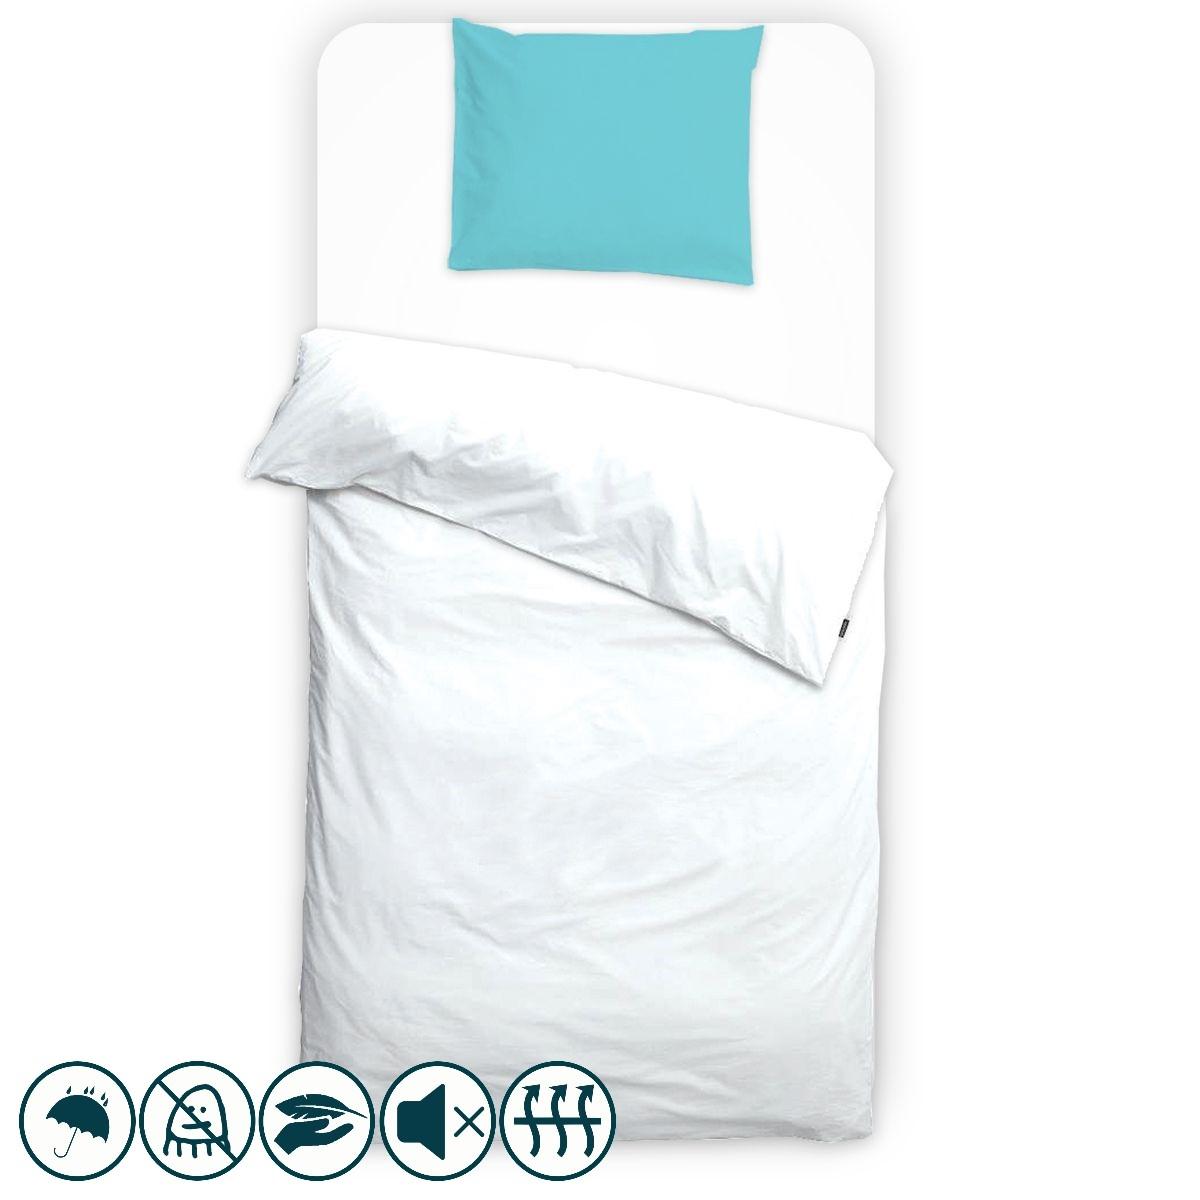 taie d 39 oreiller anti acariens unie bleu fonc louis lesec. Black Bedroom Furniture Sets. Home Design Ideas